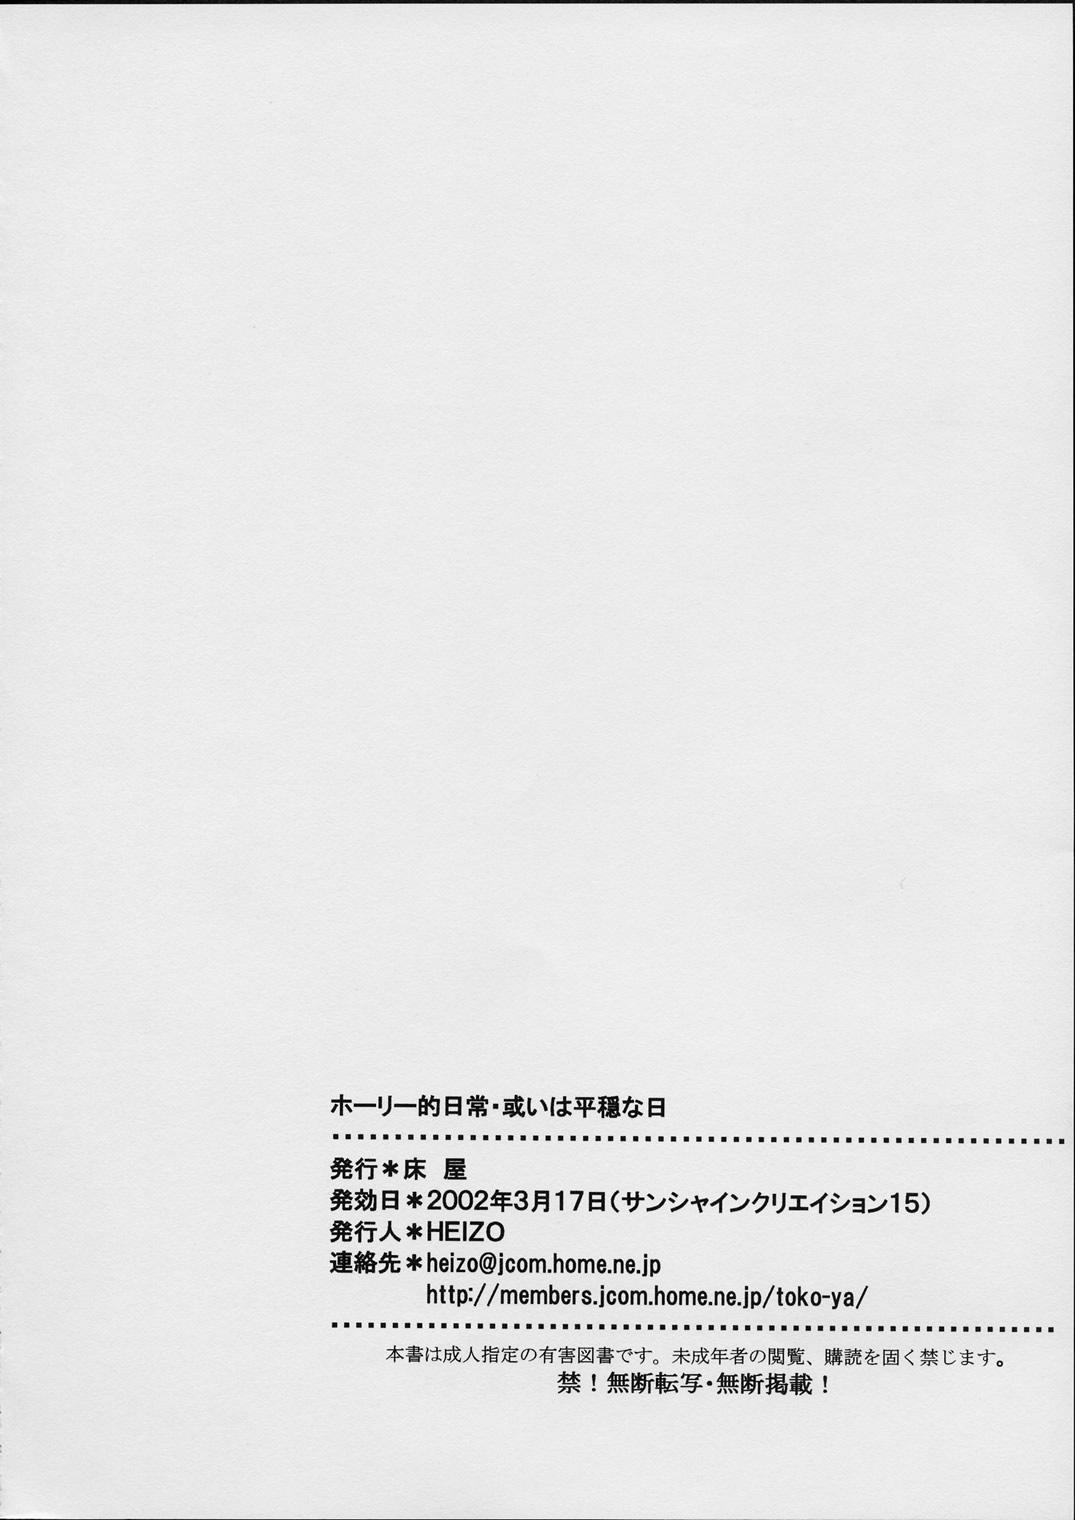 Holy-teki Nichijou Aruiwa Heion na Hi 24